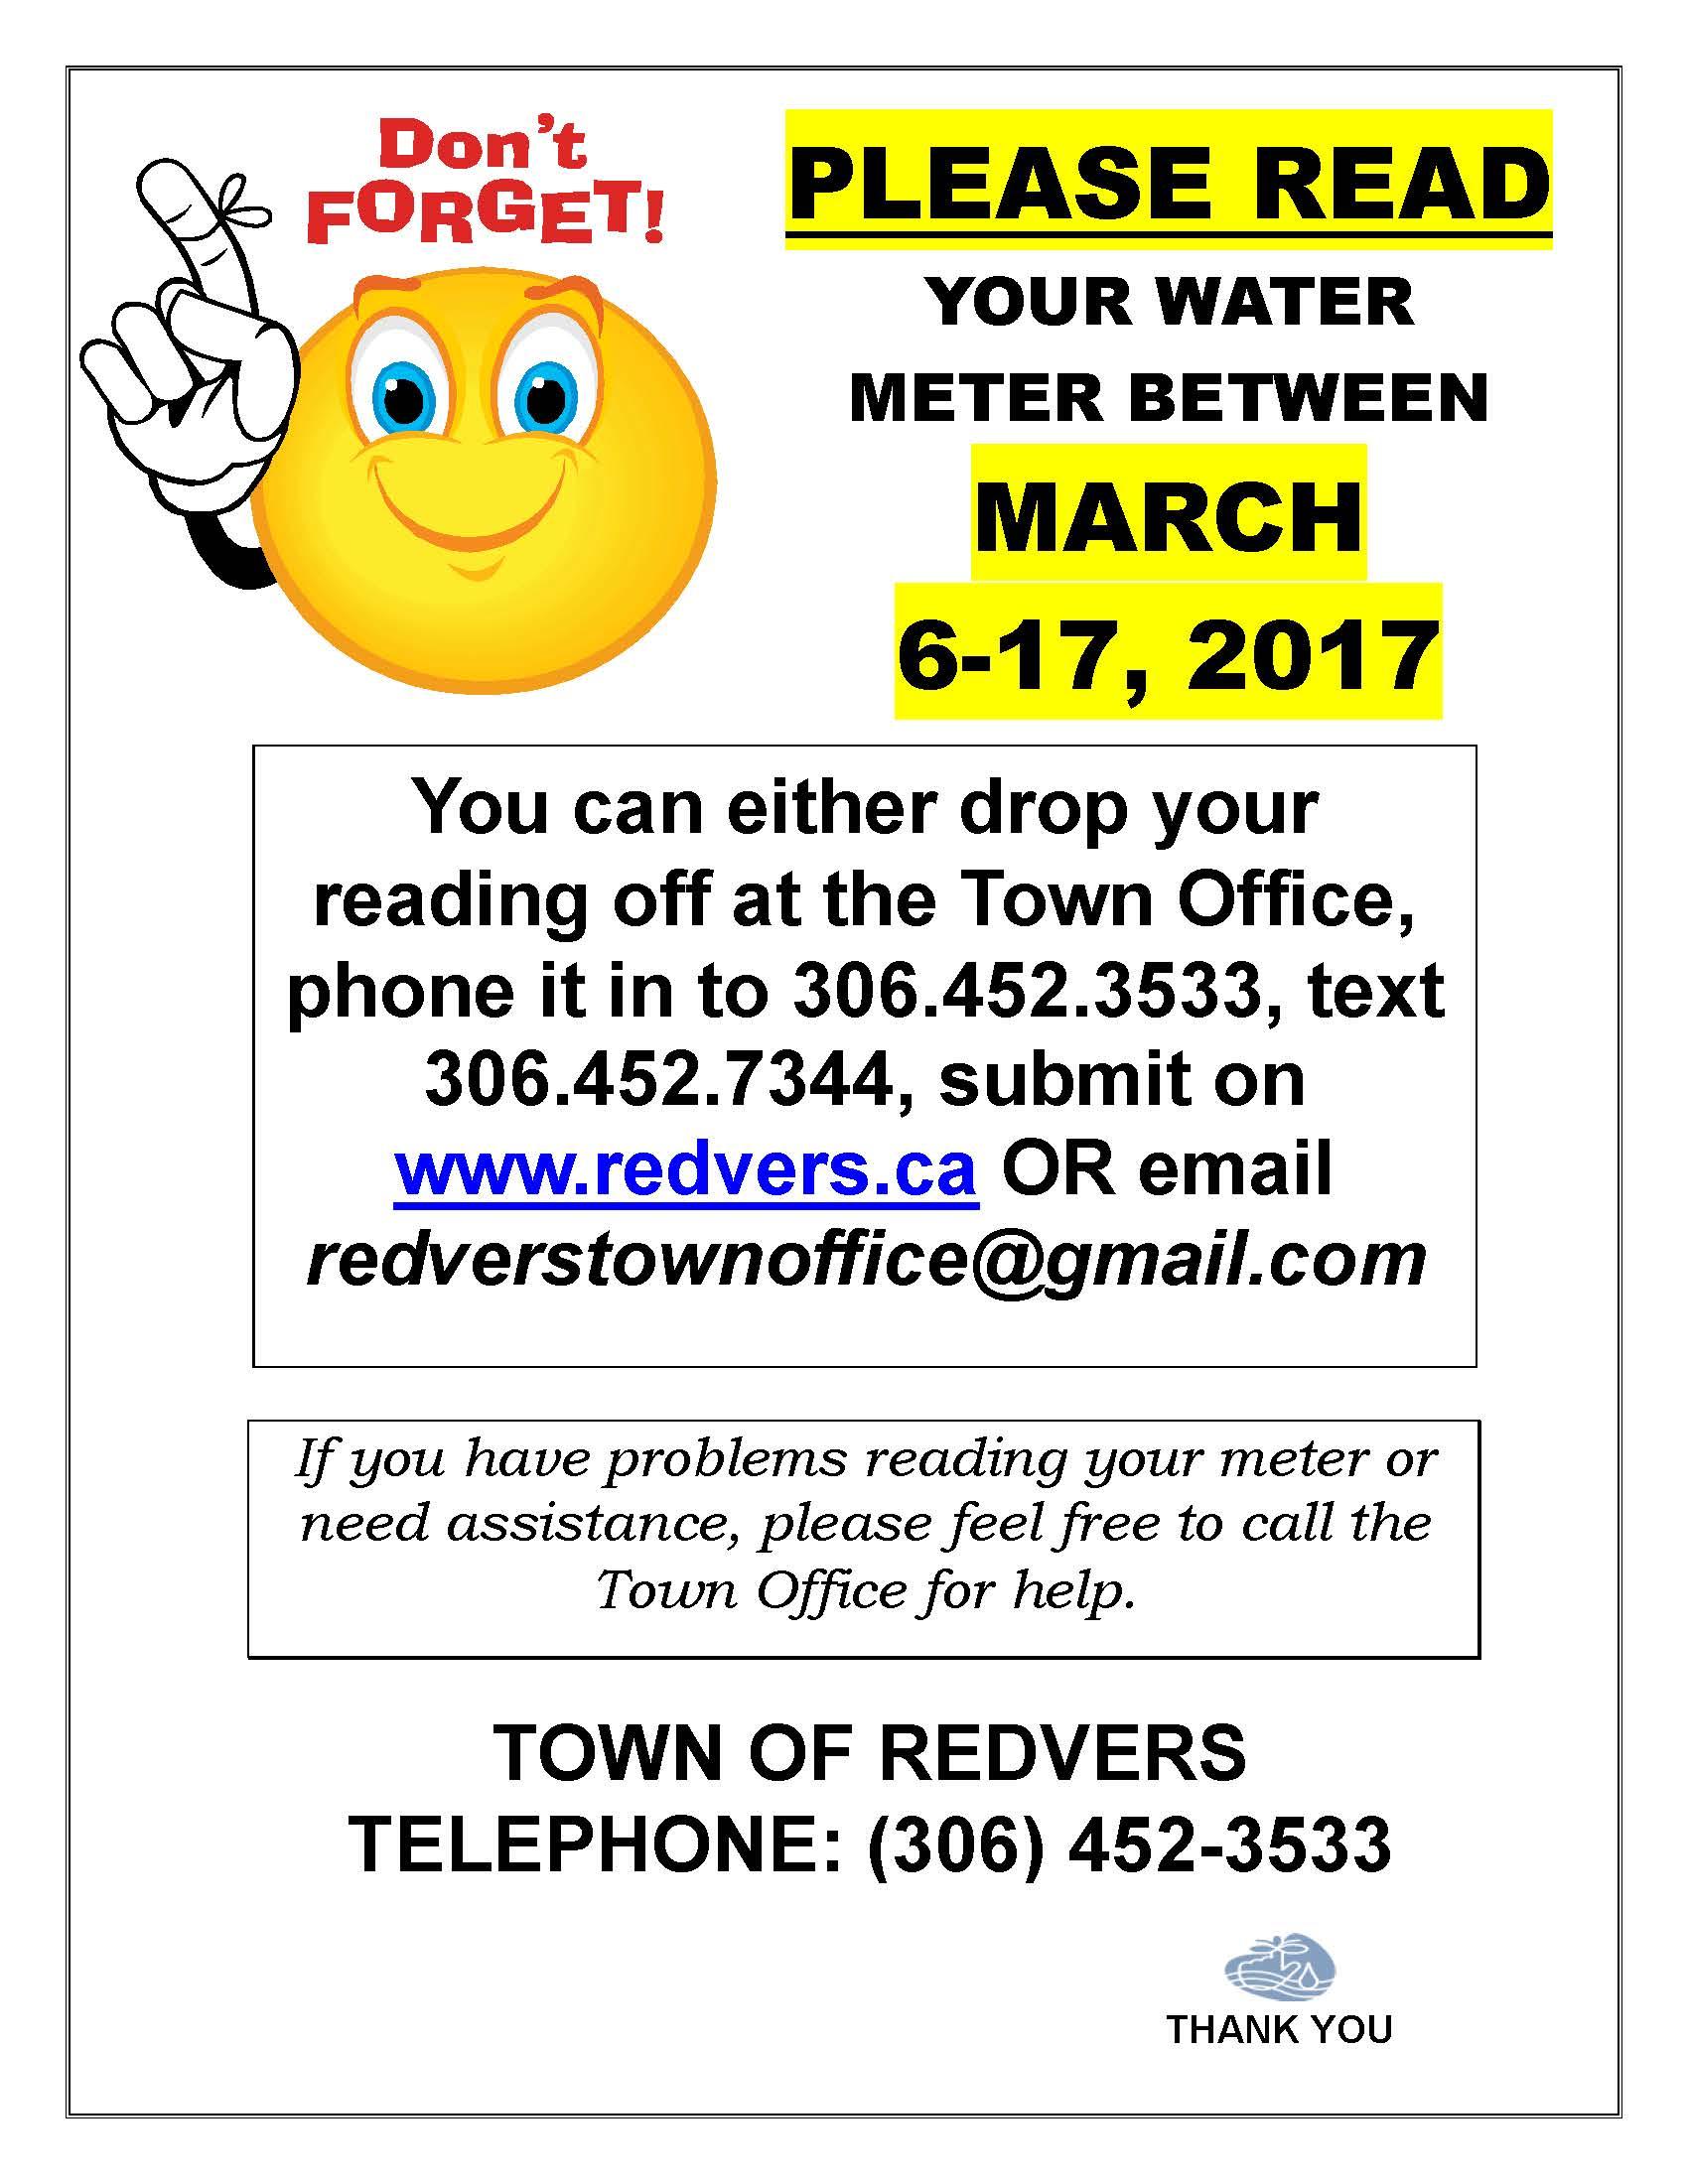 Water Meter Readings